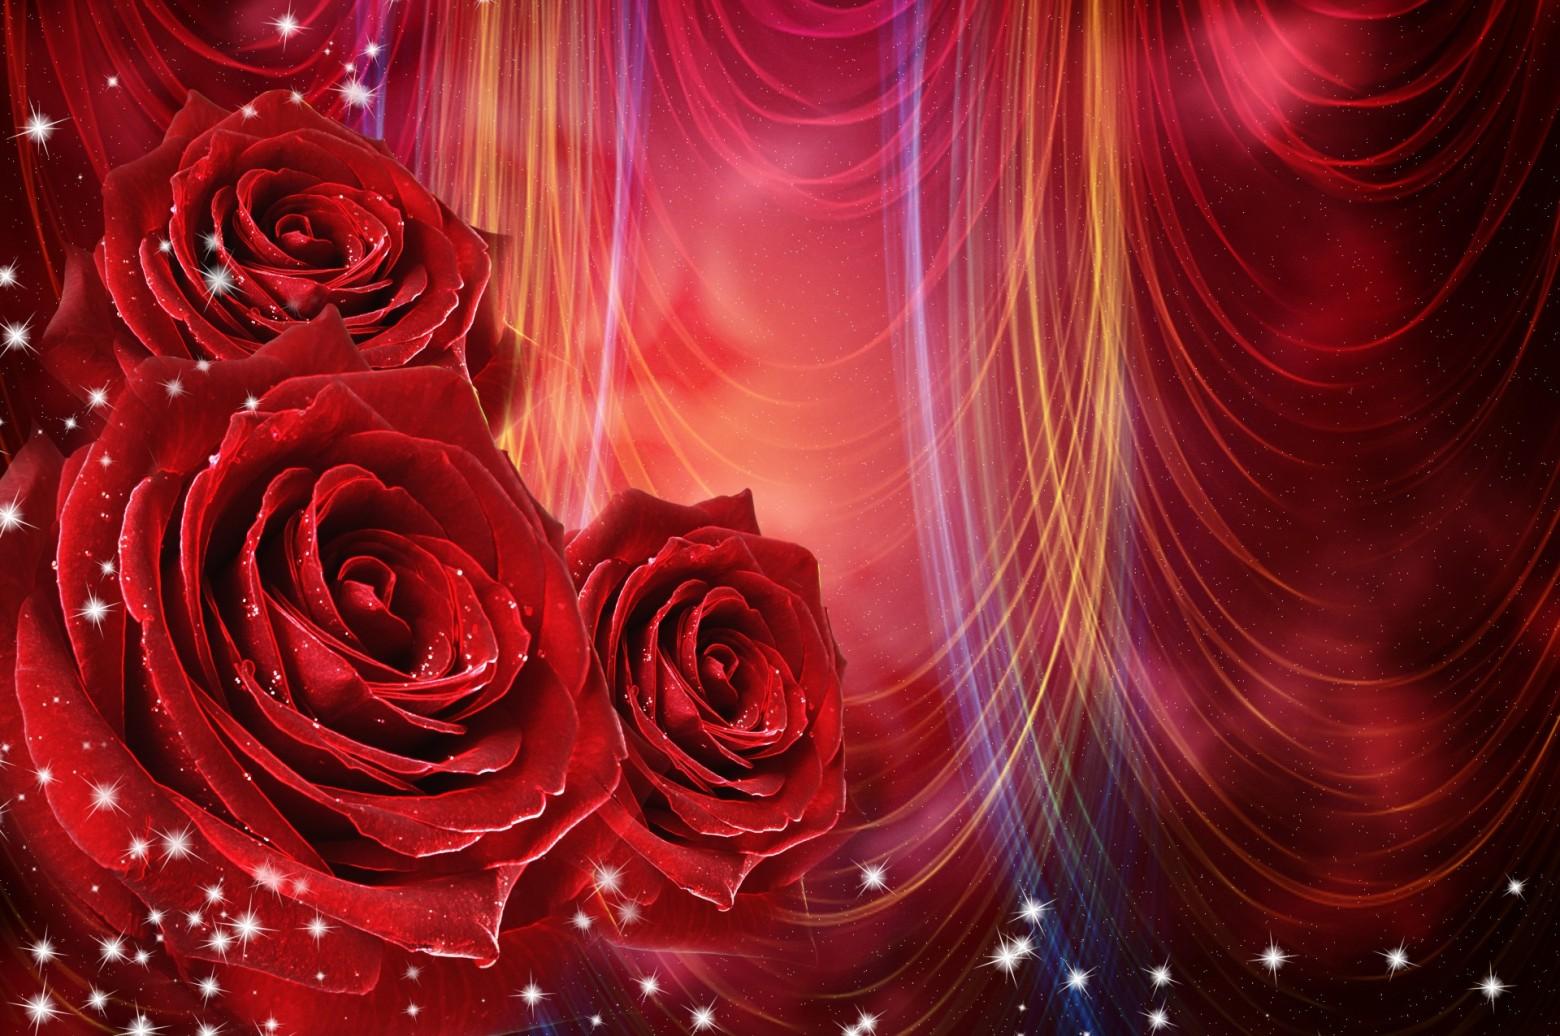 arri re plan abstrait lumineux et fleurs rose rouges images photos gratuites libres de droits. Black Bedroom Furniture Sets. Home Design Ideas